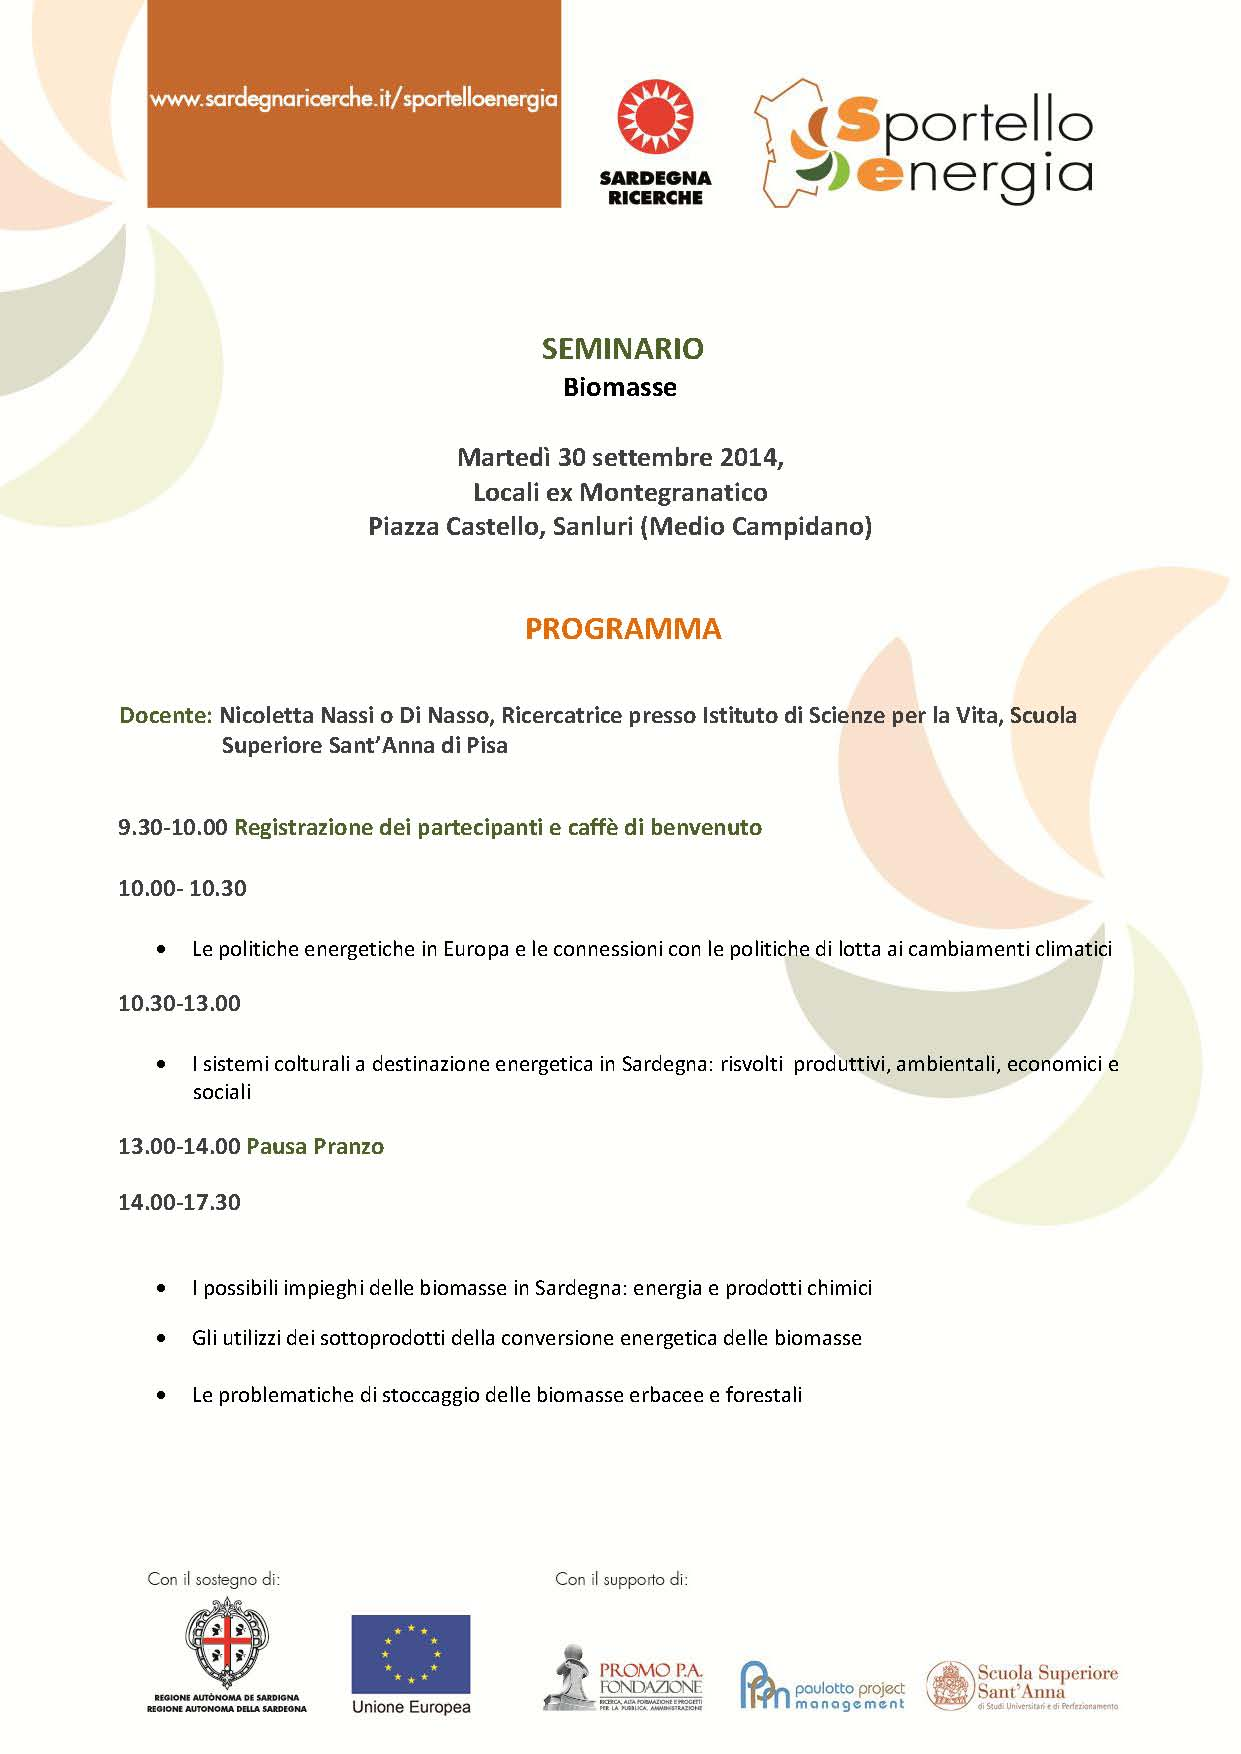 Seminario Biomasse Sanluri 30 settembre 2014